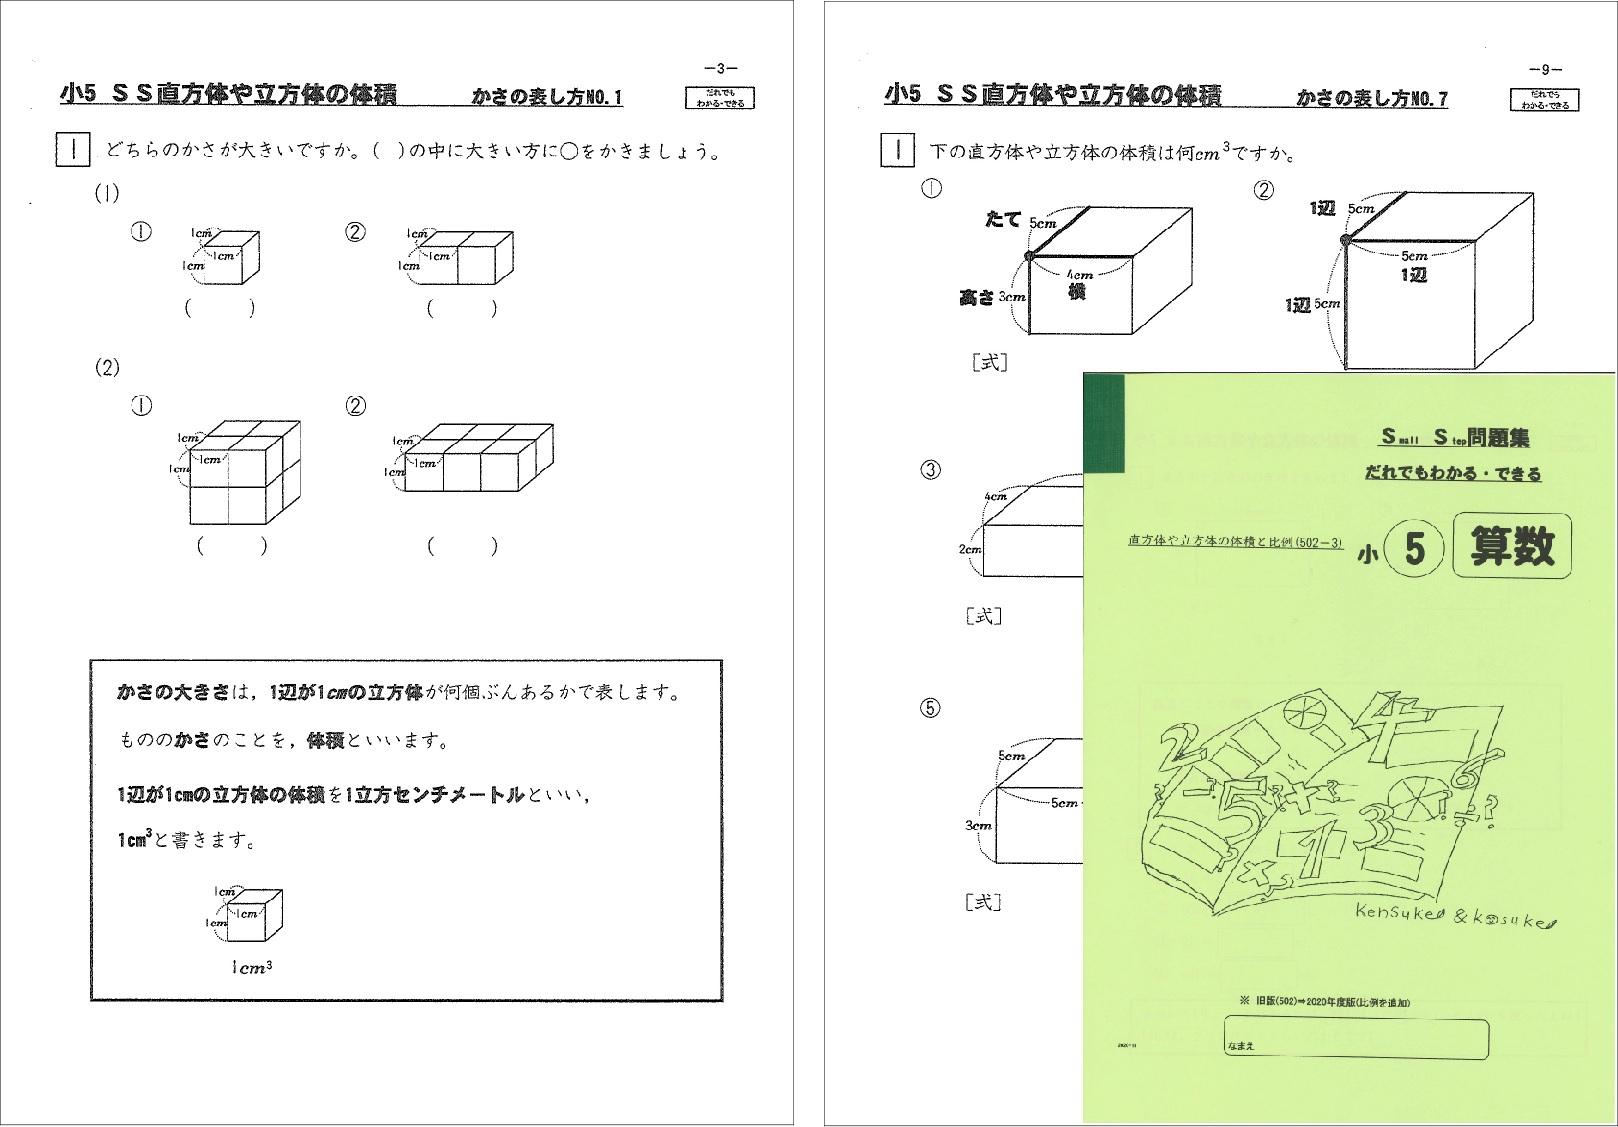 SS直方体や立方体の体積と比例